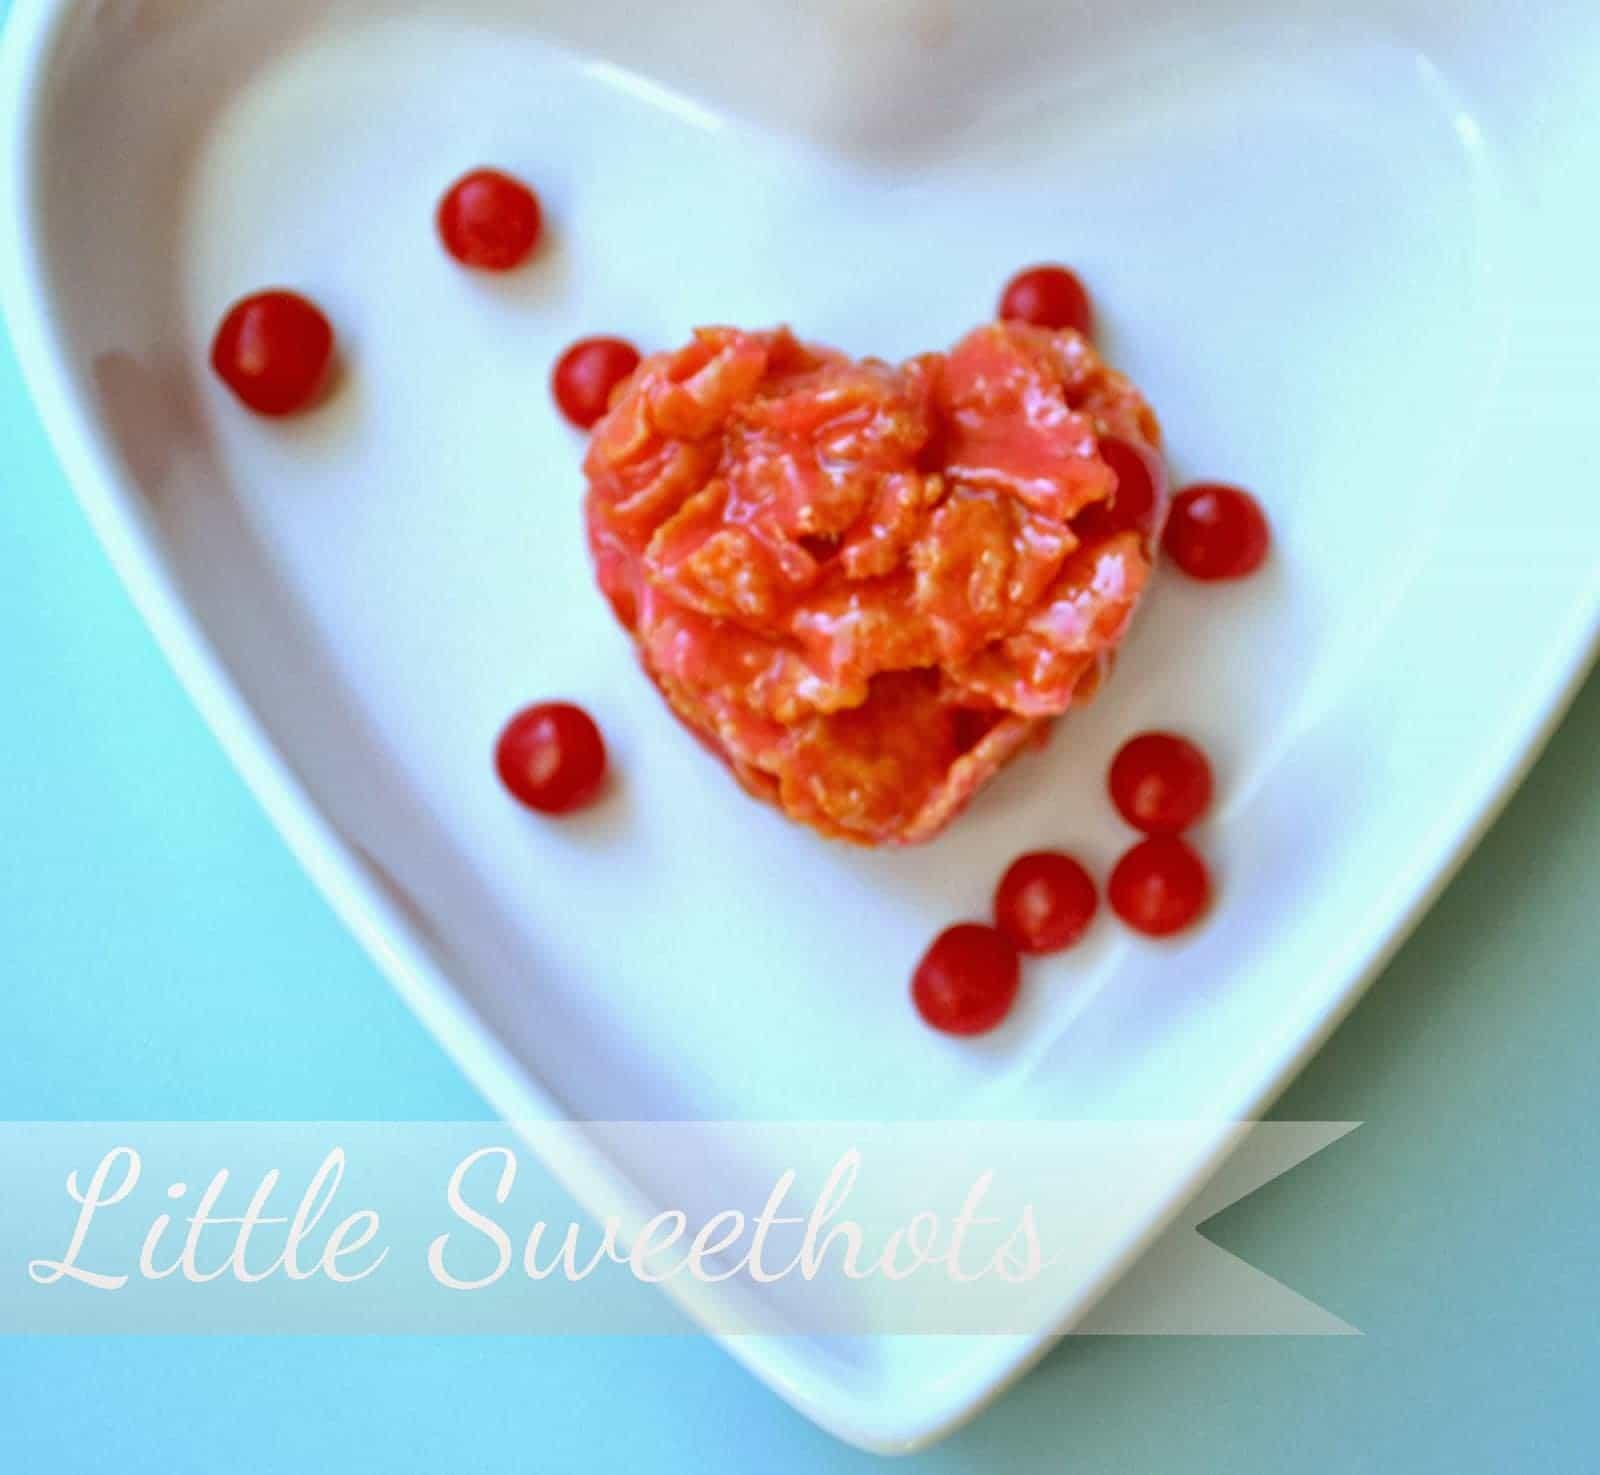 http://www.lemontreedwelling.com/2013/01/little-sweethots.html